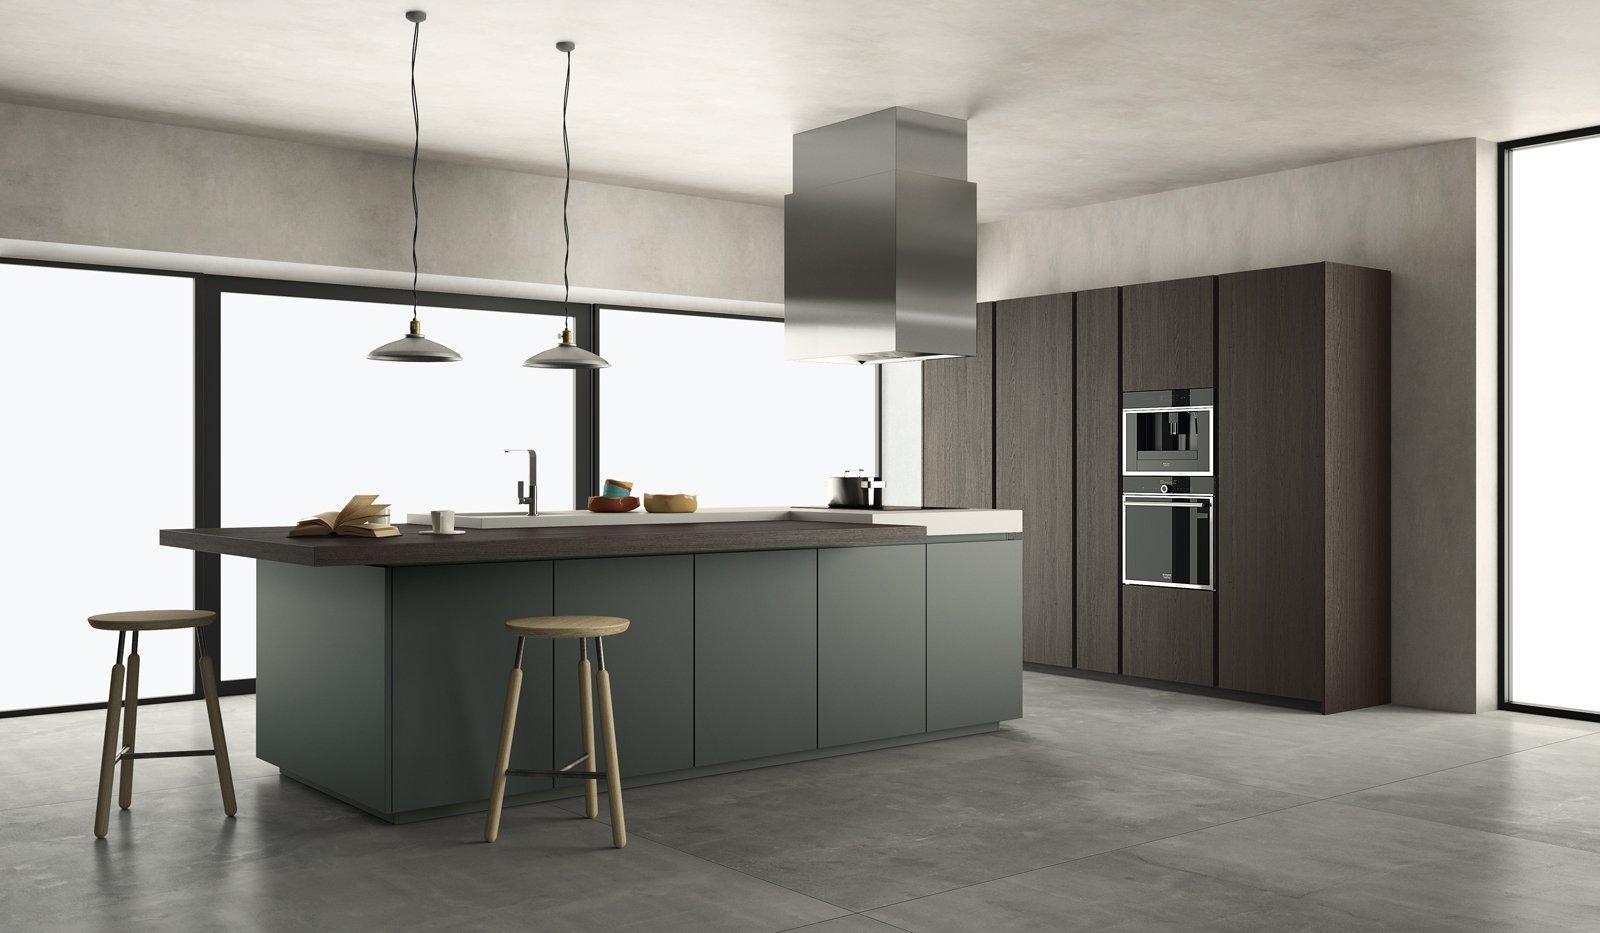 Arredamento cucine piccole cose di casa - Cucine piccole design ...